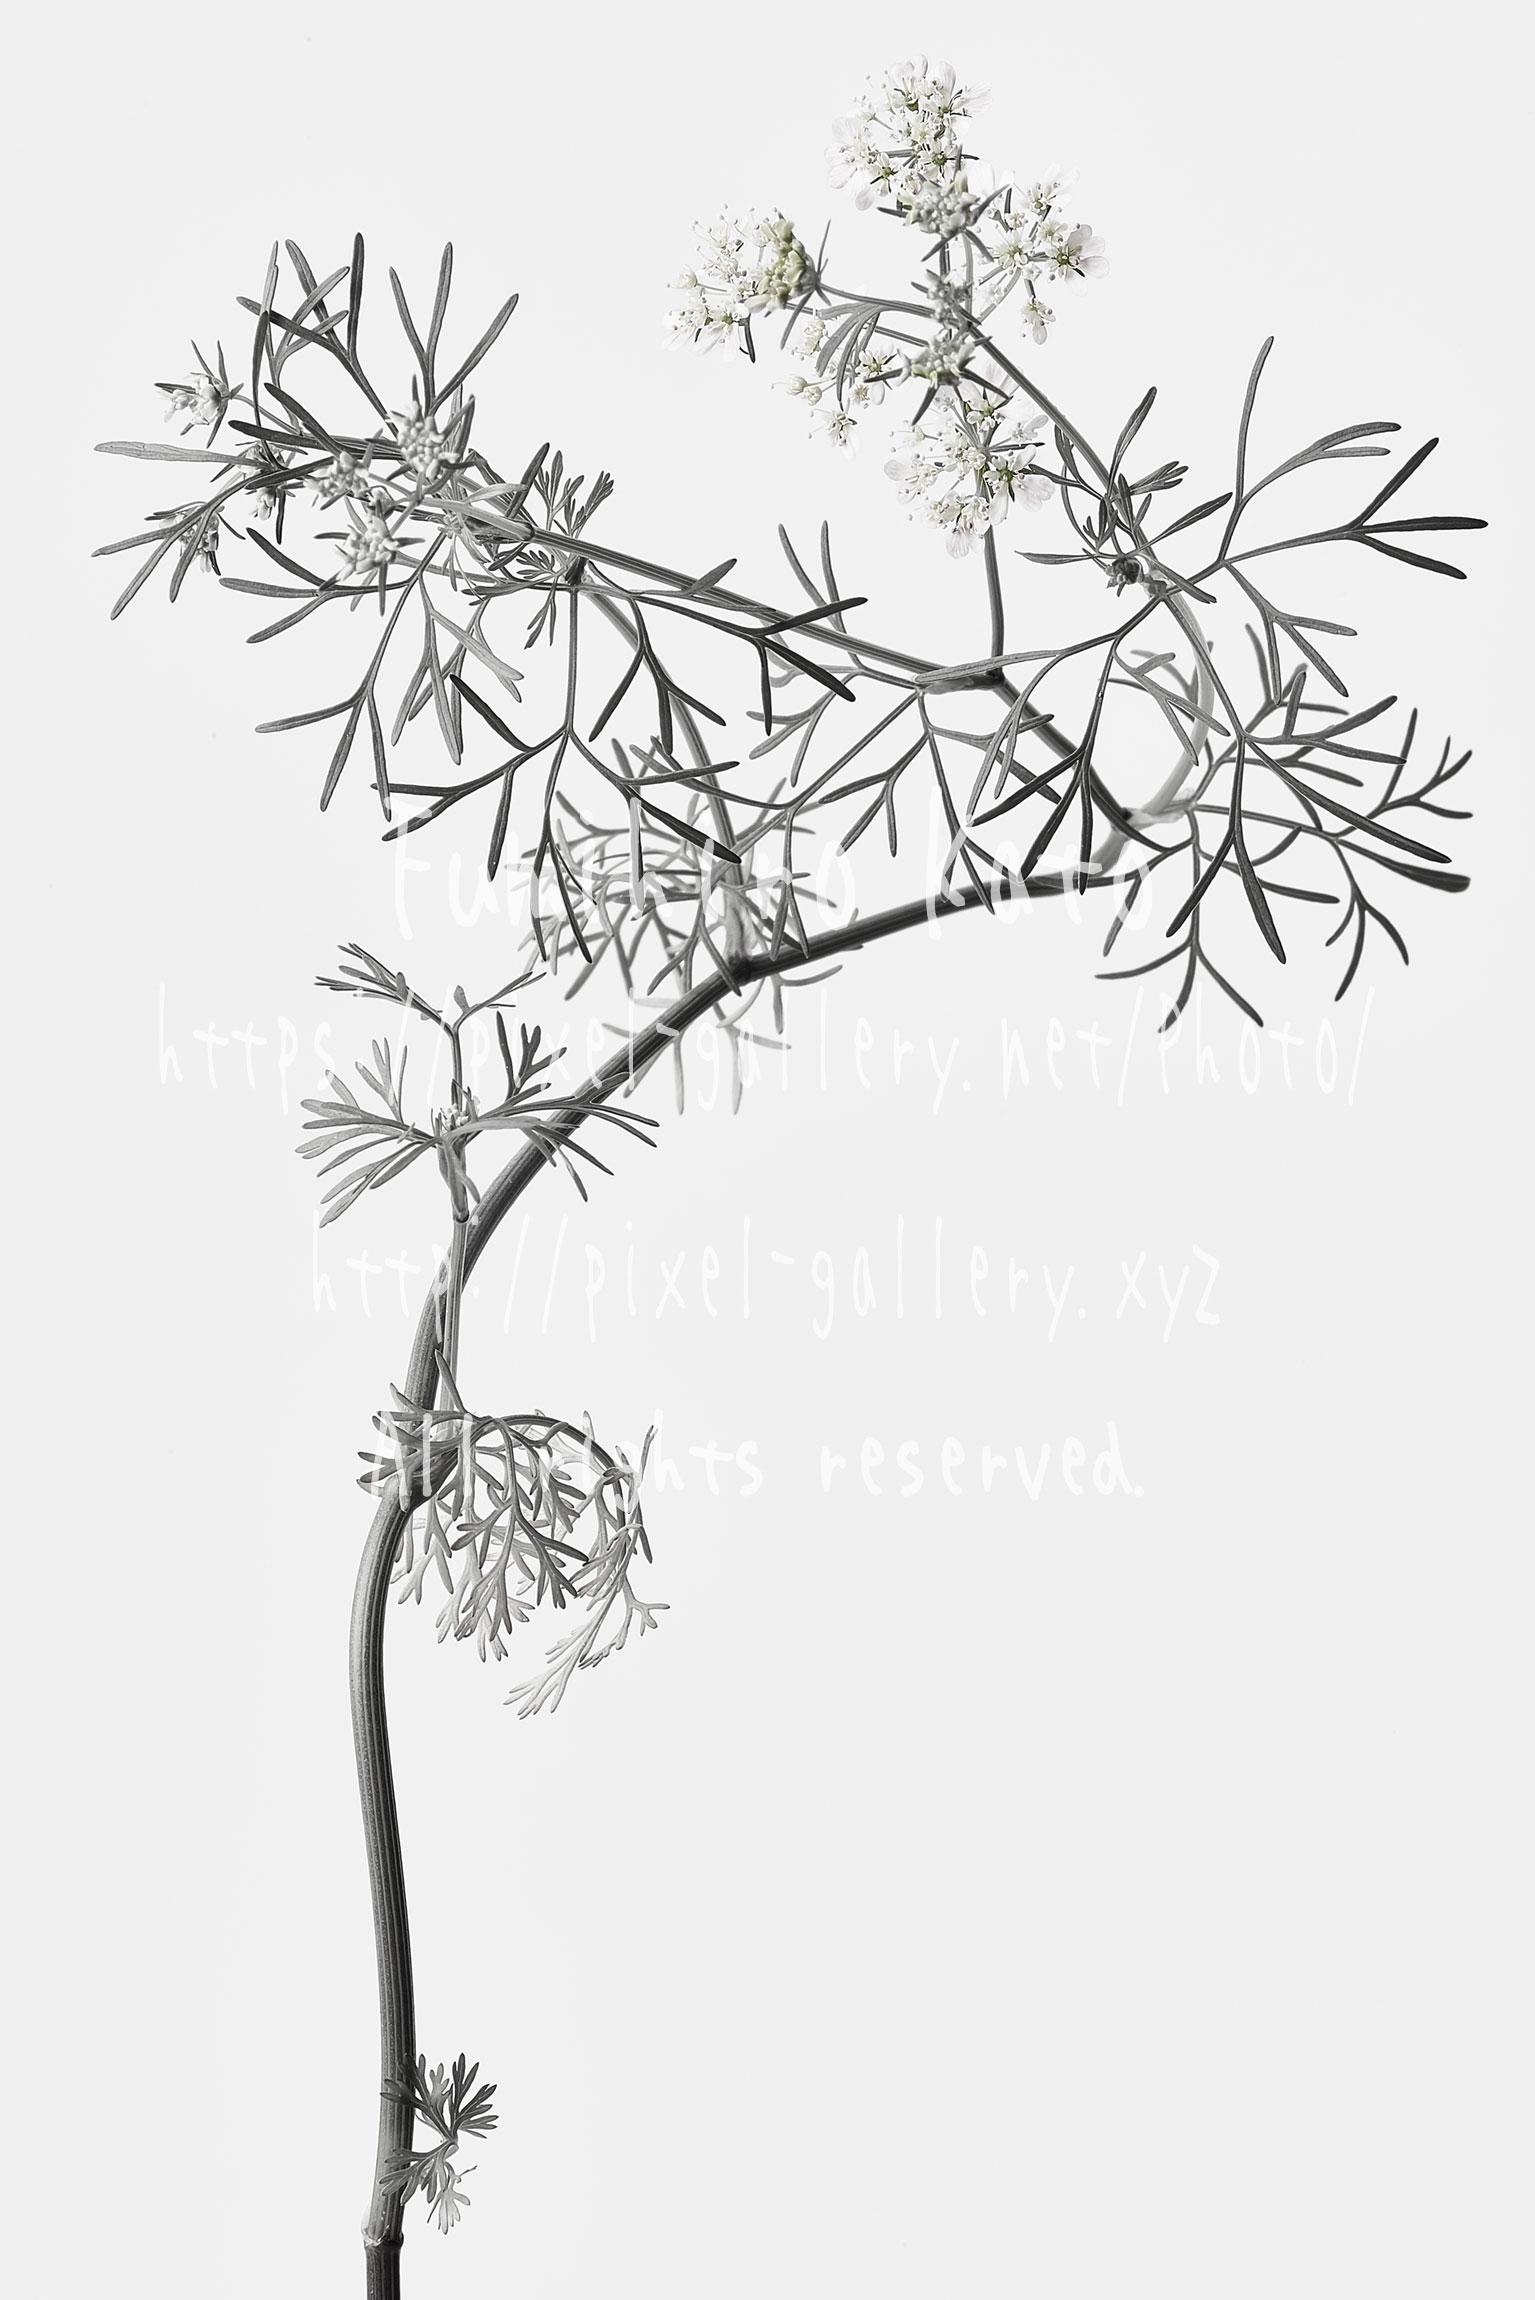 花、彫刻と化す #2016_20965